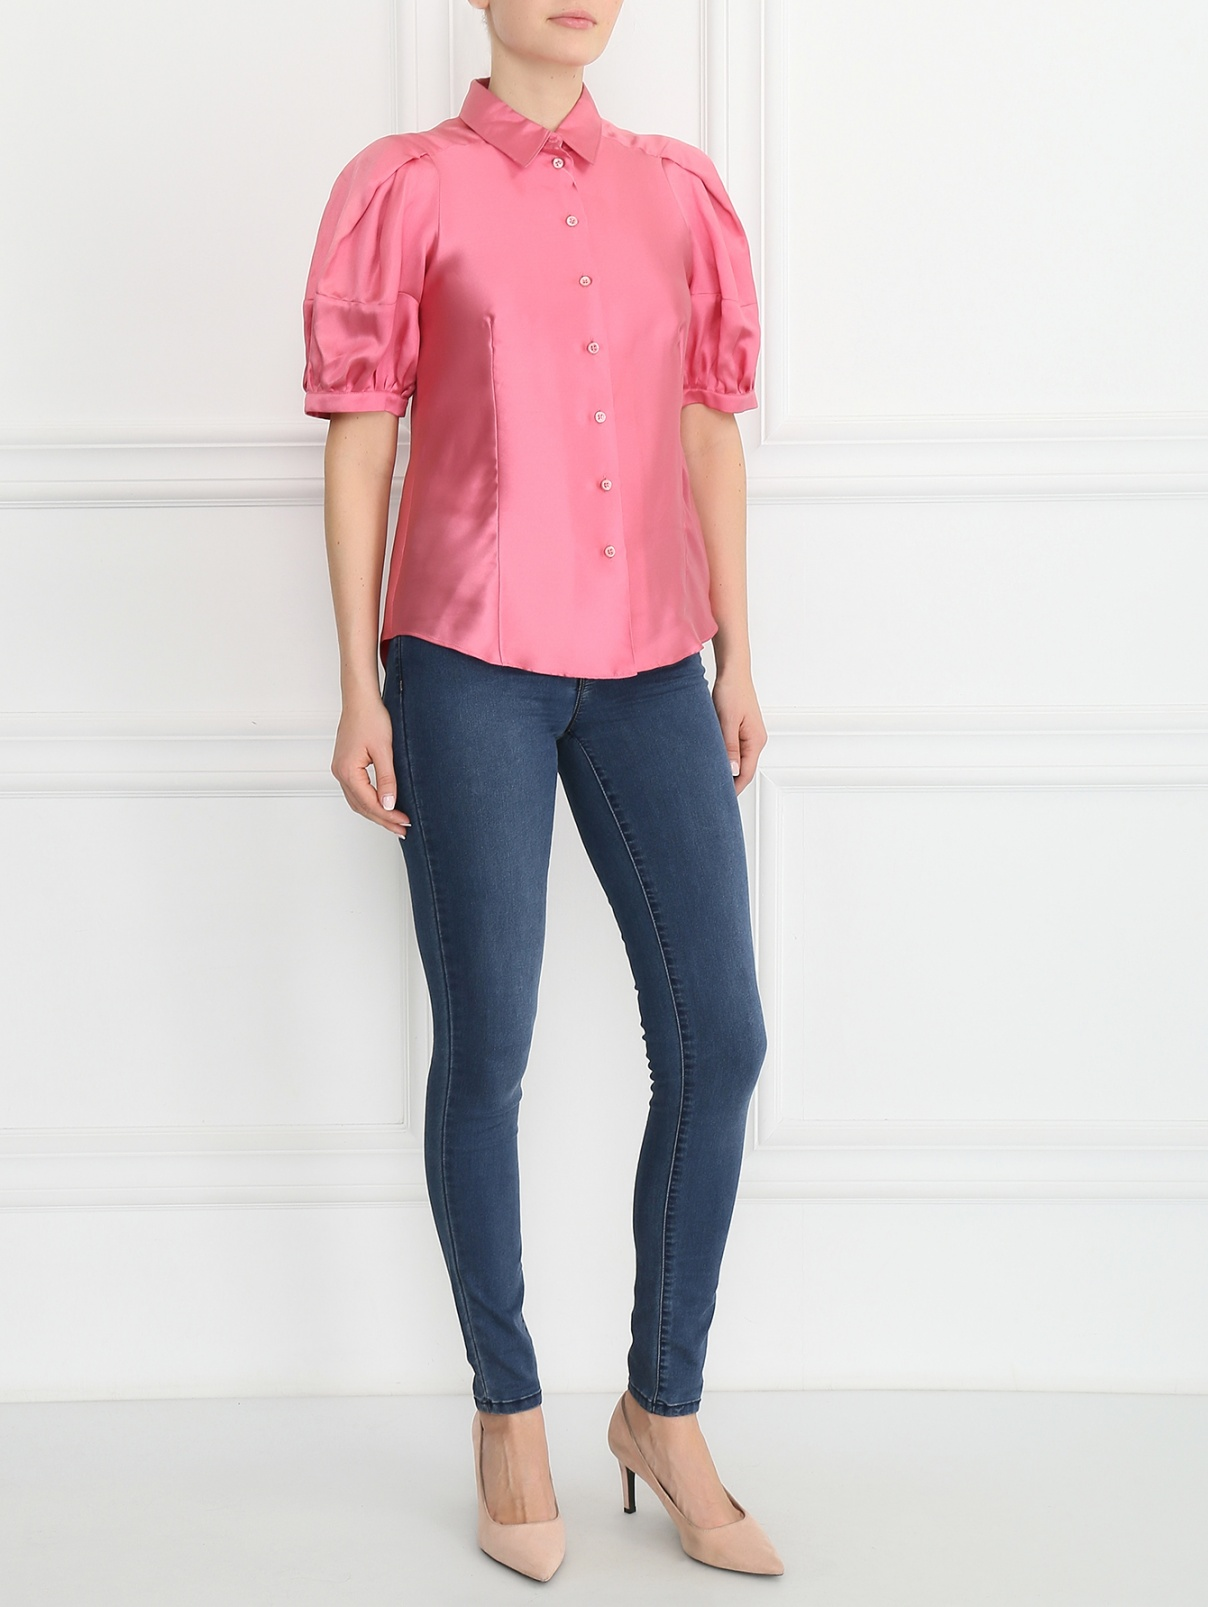 Блуза из шелка Moschino  –  Модель Общий вид  – Цвет:  Розовый